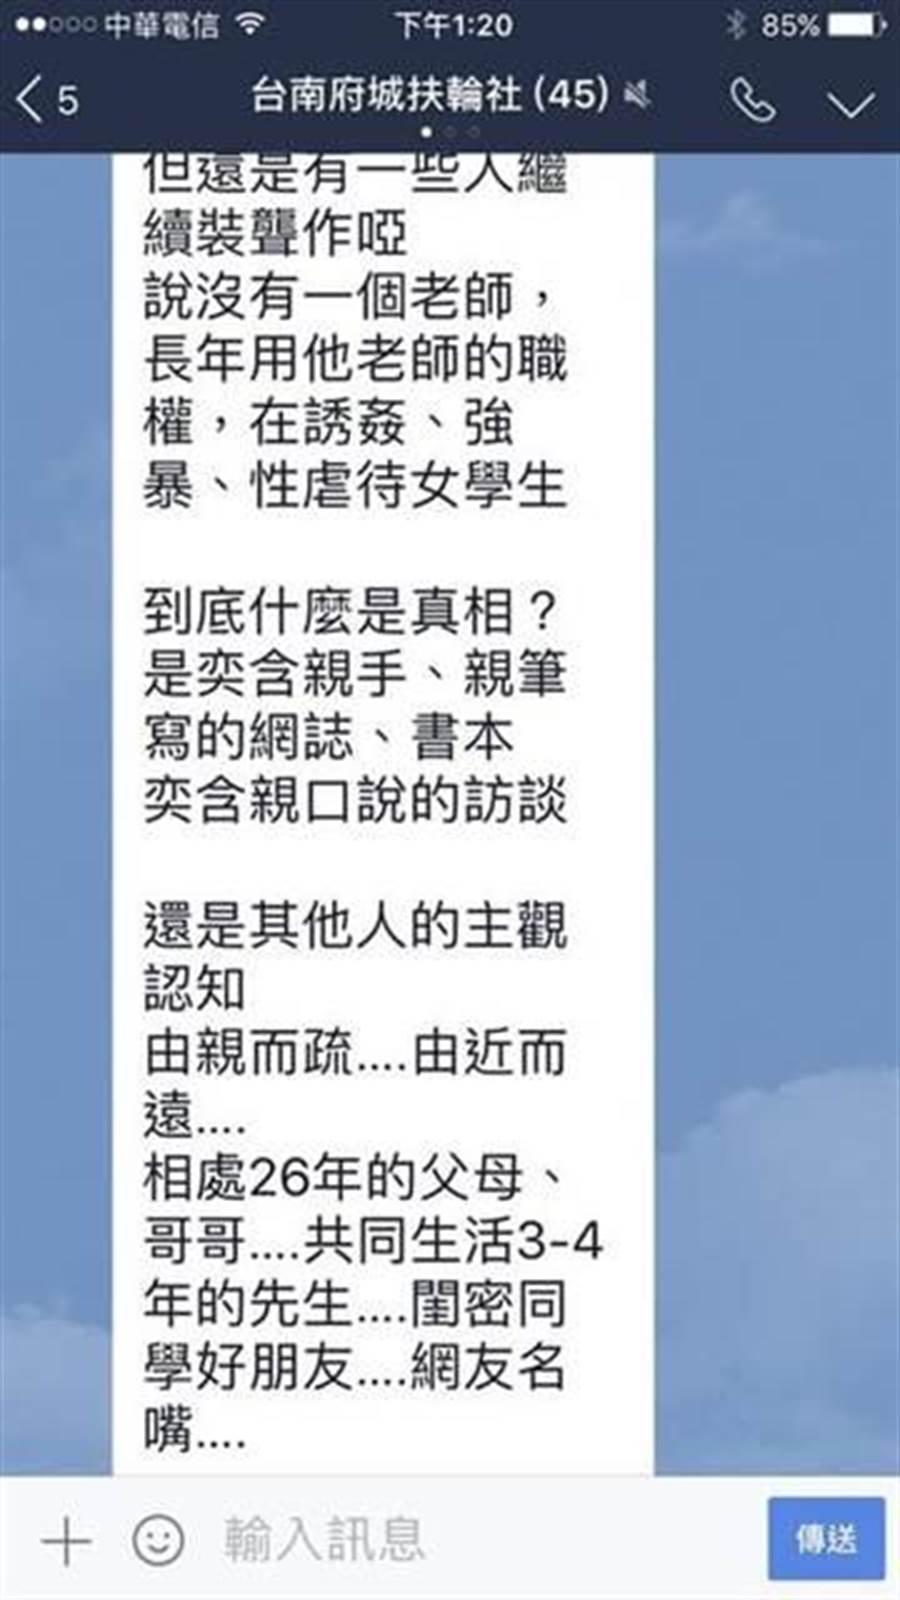 林奕含父母今天再度發布聲明表示,一定會全力配合檢調。(曹婷婷翻攝)